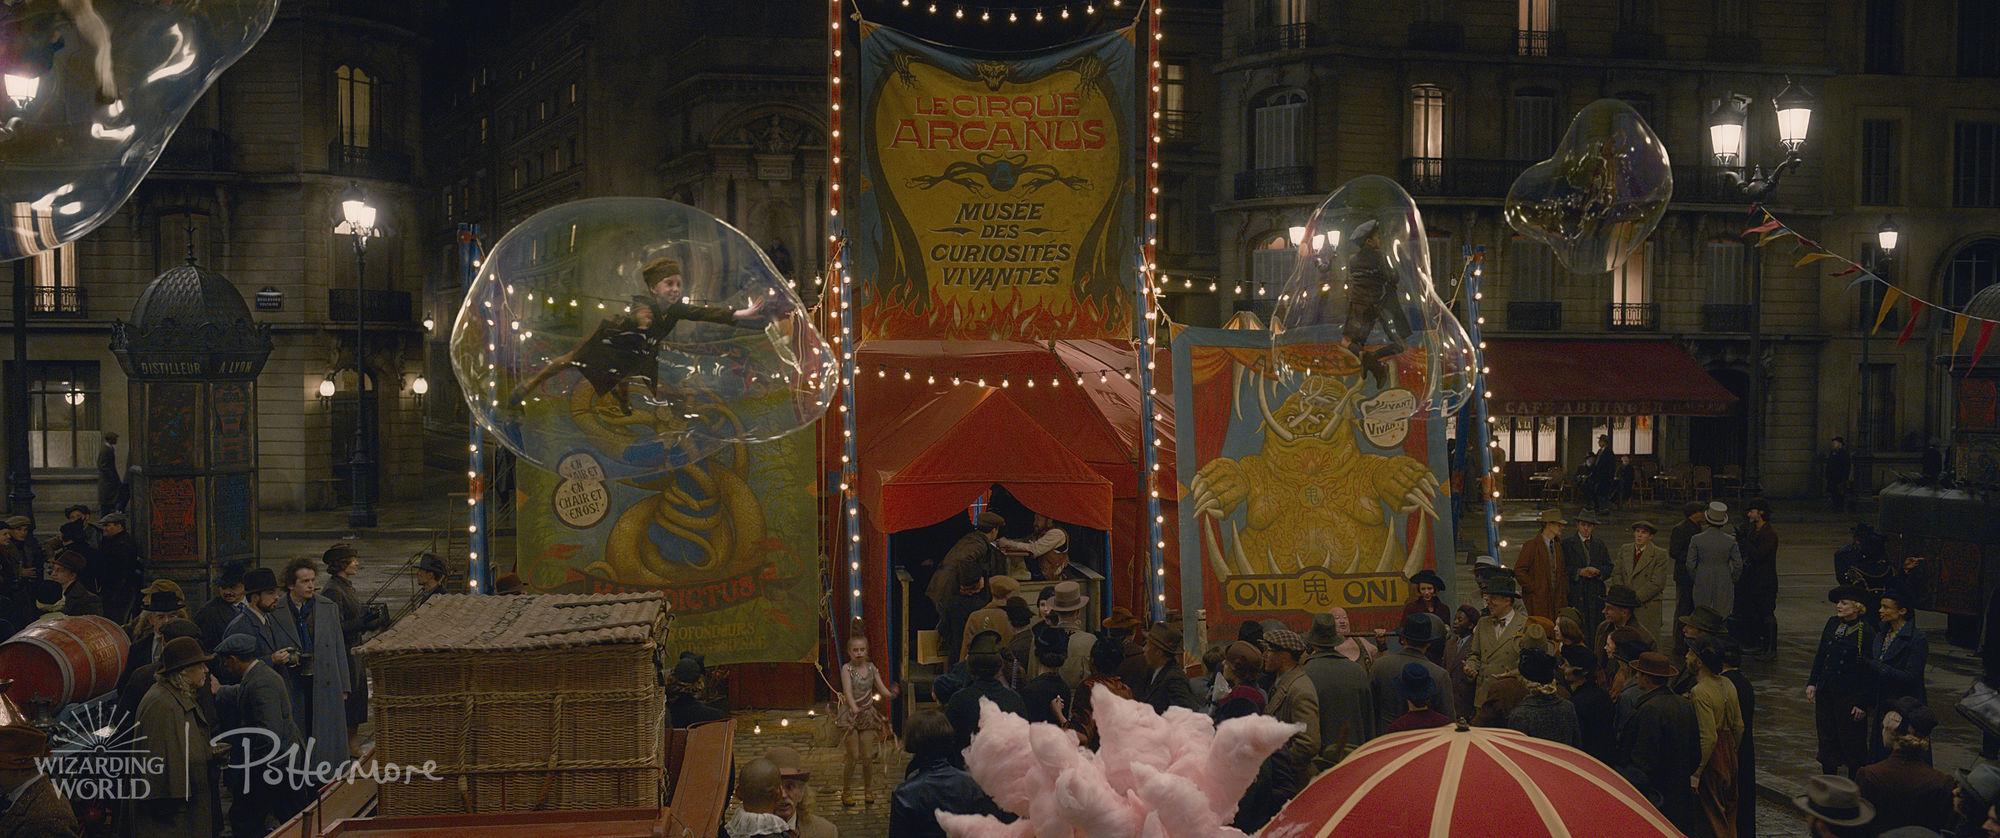 Fantastic-Beasts-Circus